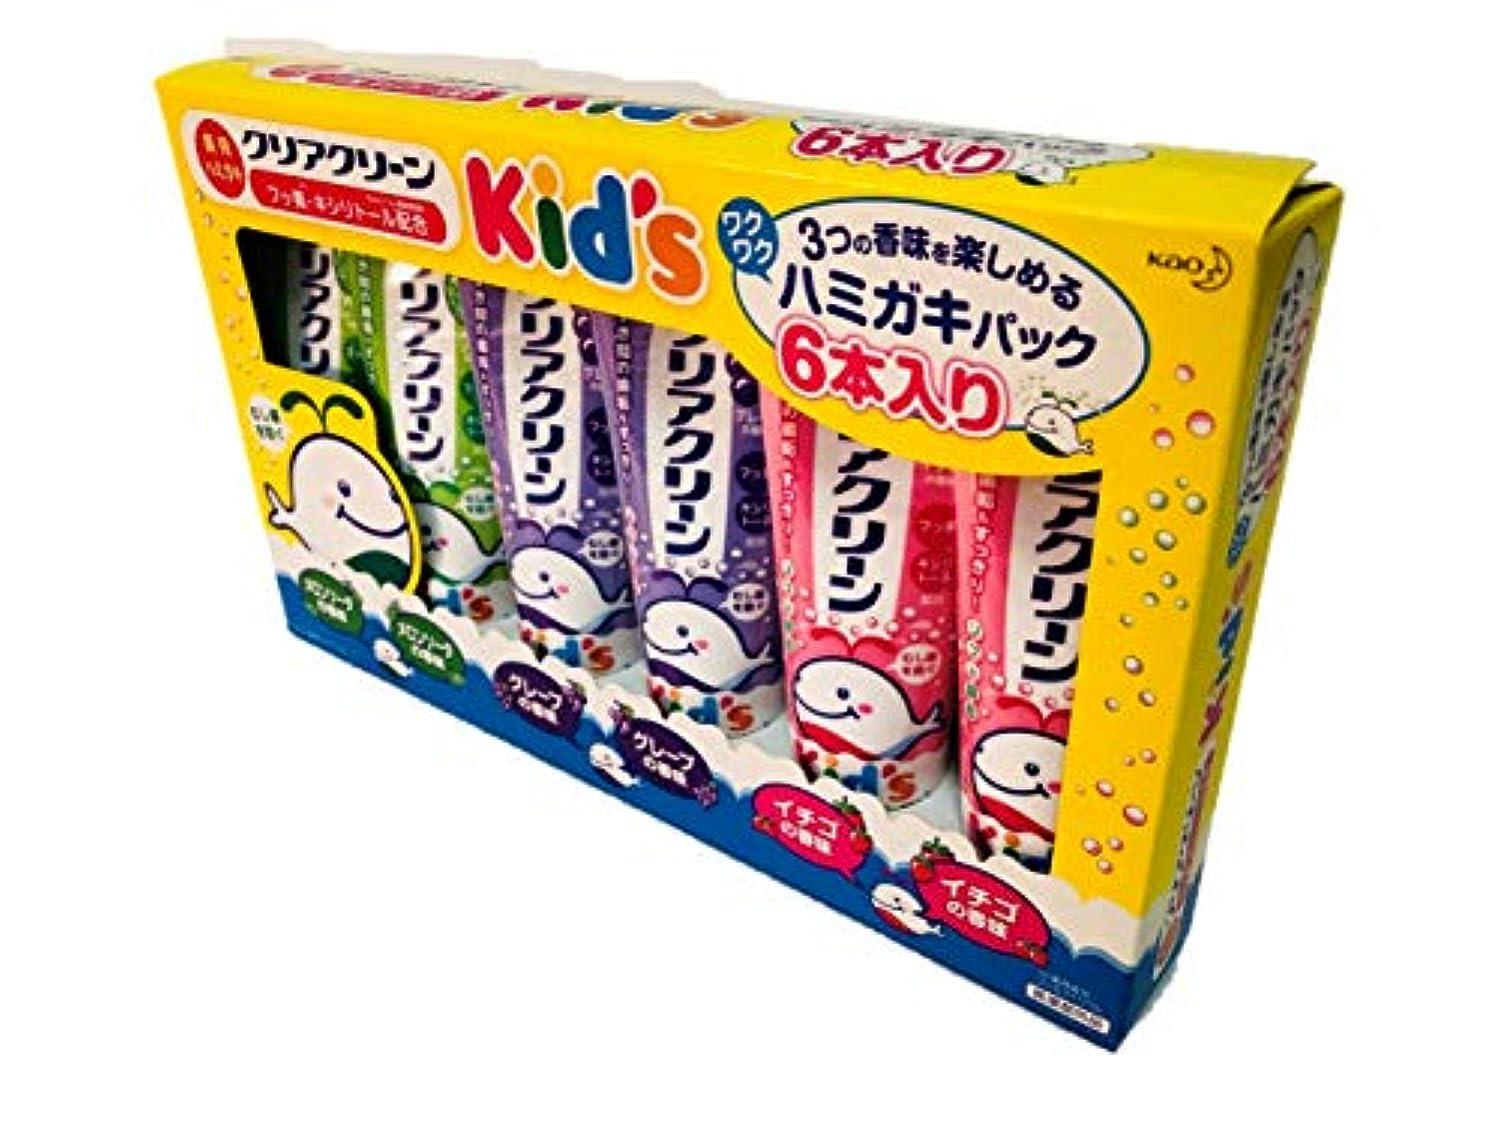 貫通匹敵します新年クリアクリーン Kids ハミガキ 6本入りパック (メロンソーダ?グレープ?イチゴ)70g×6本 薬用ハミガキ